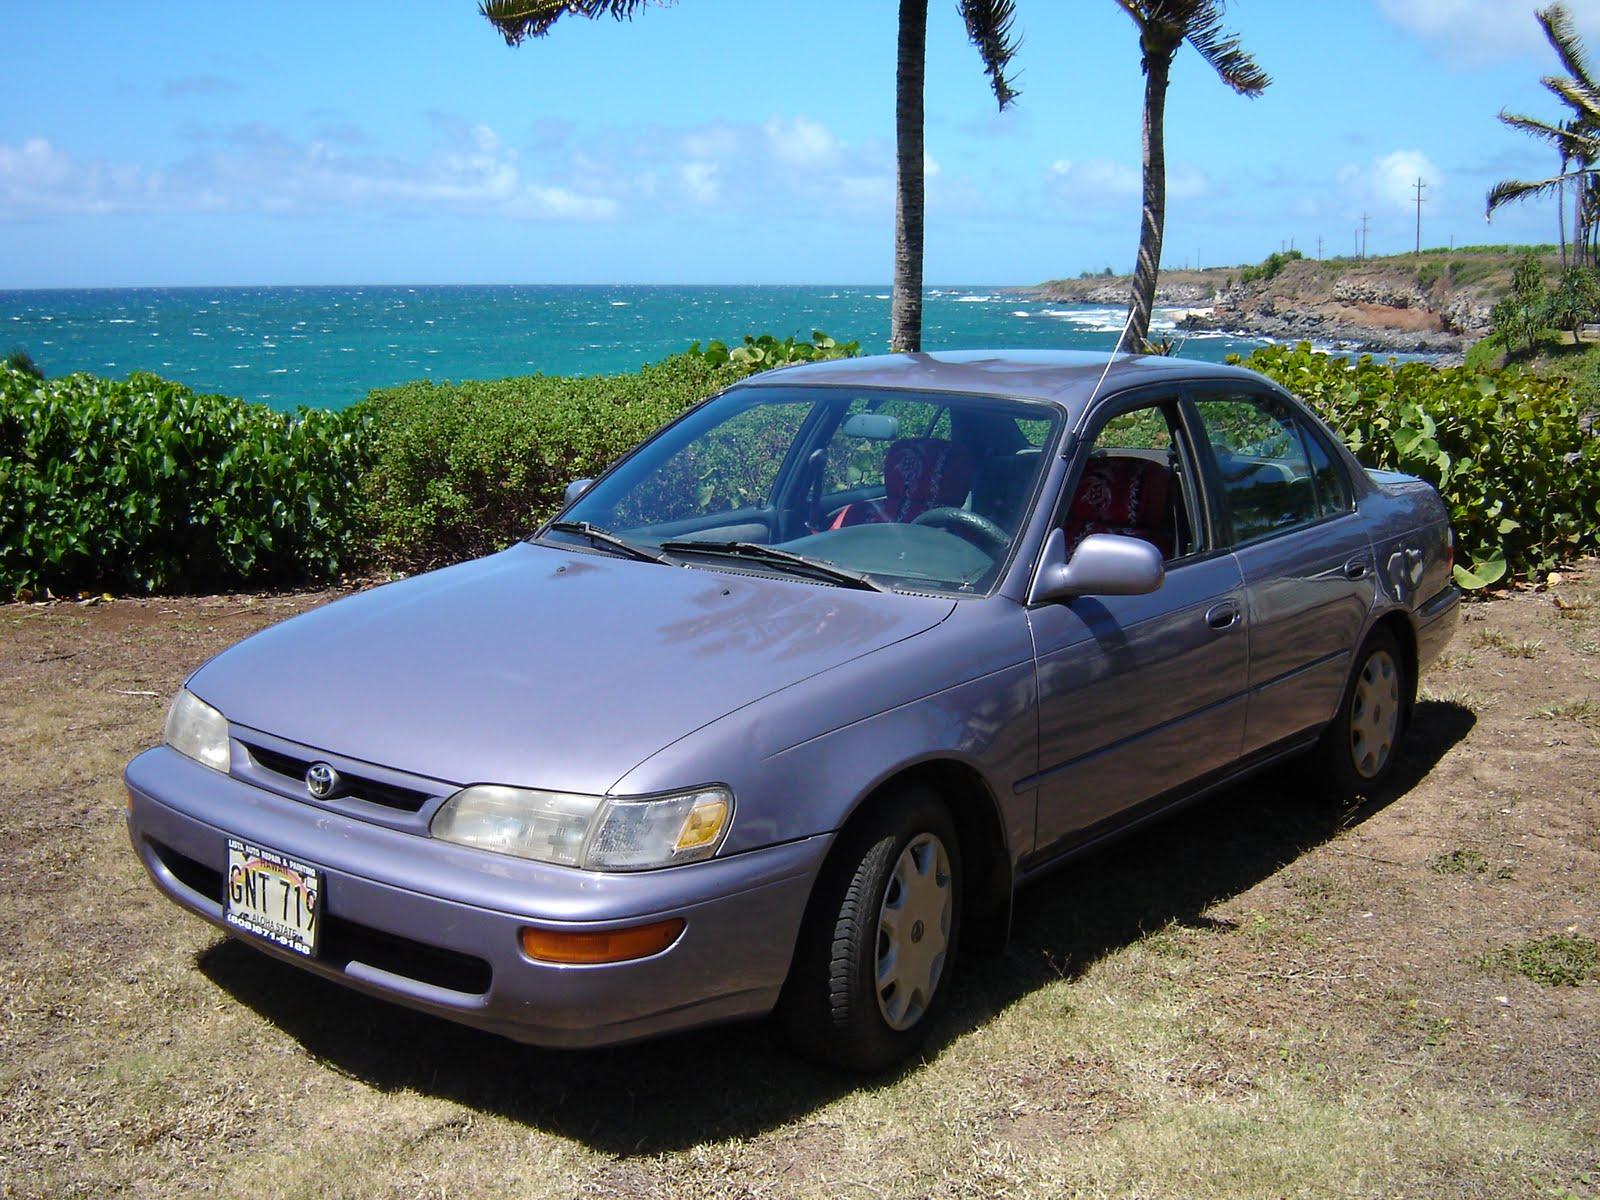 Rental Cars For Sale Maui